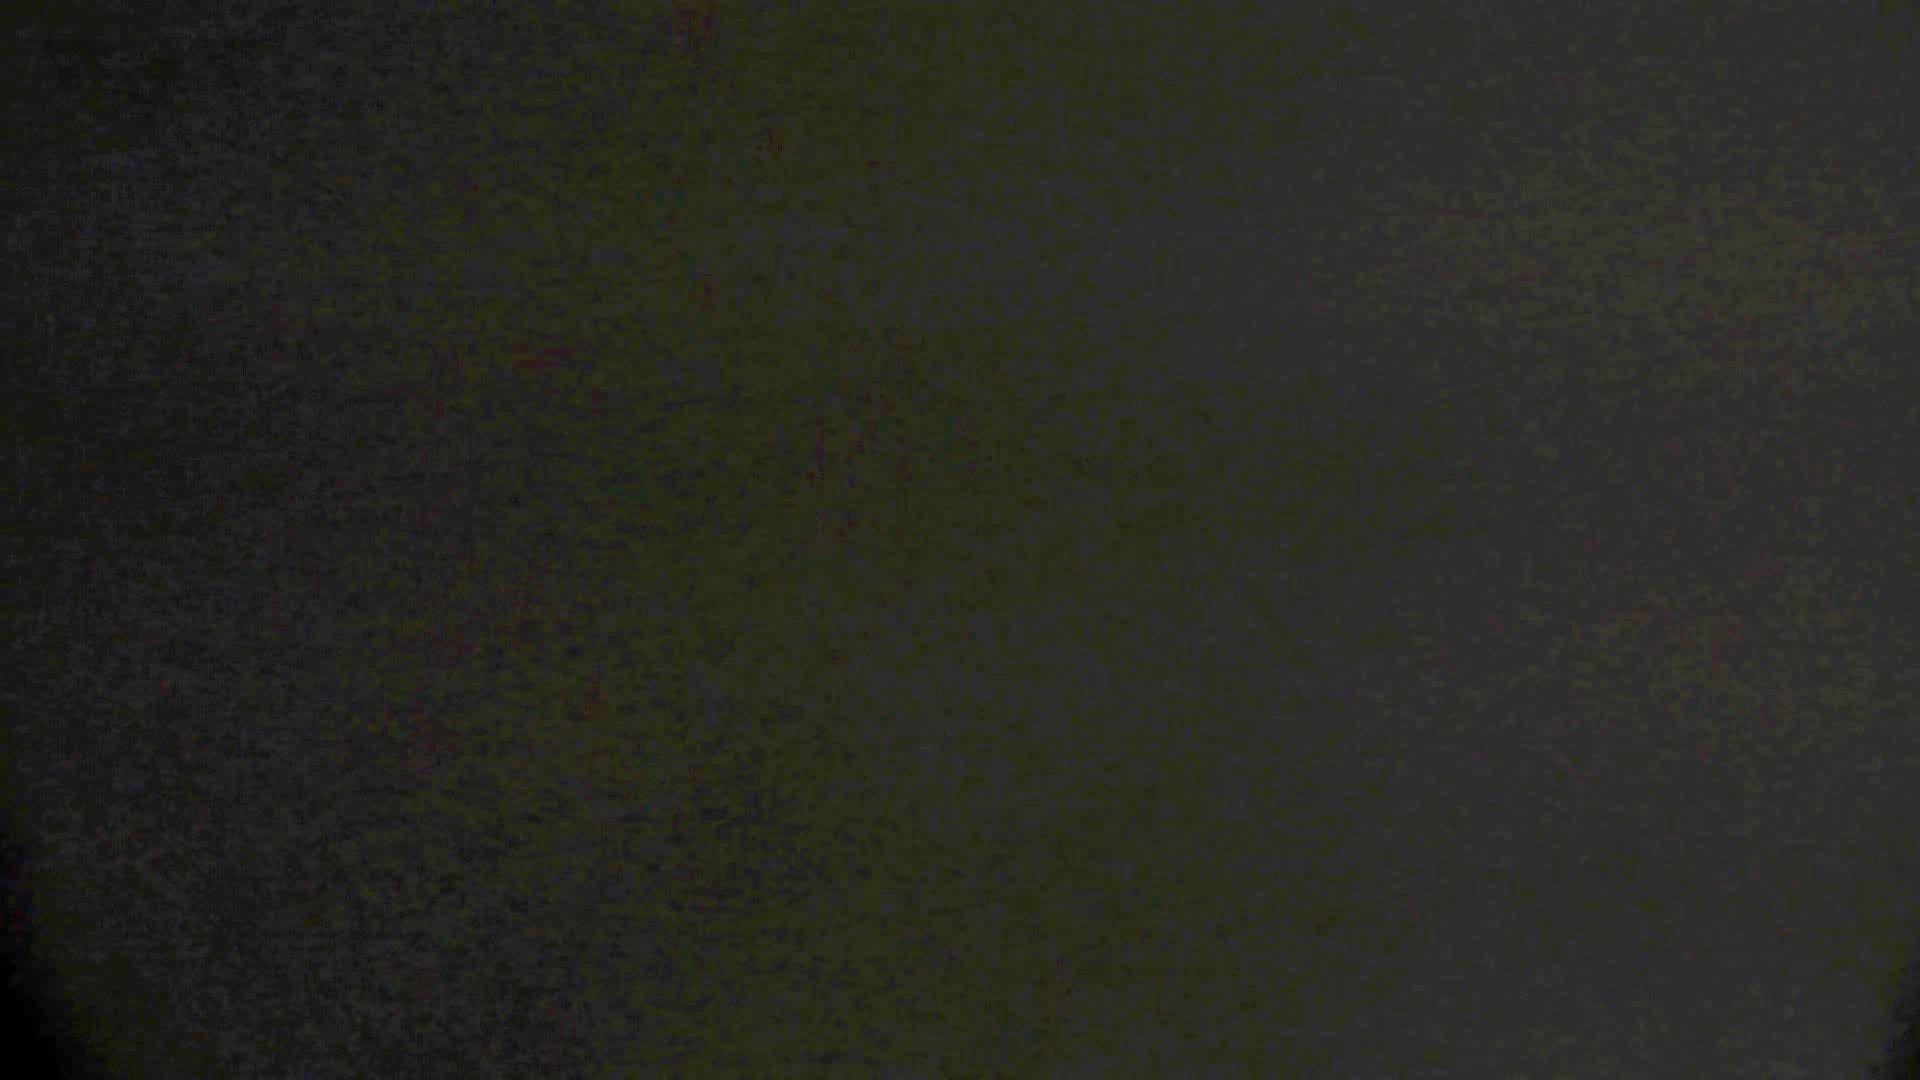 洗面所特攻隊 vol.74 last 2総勢16名激撮【2015・29位】 お姉さん  95PIX 28